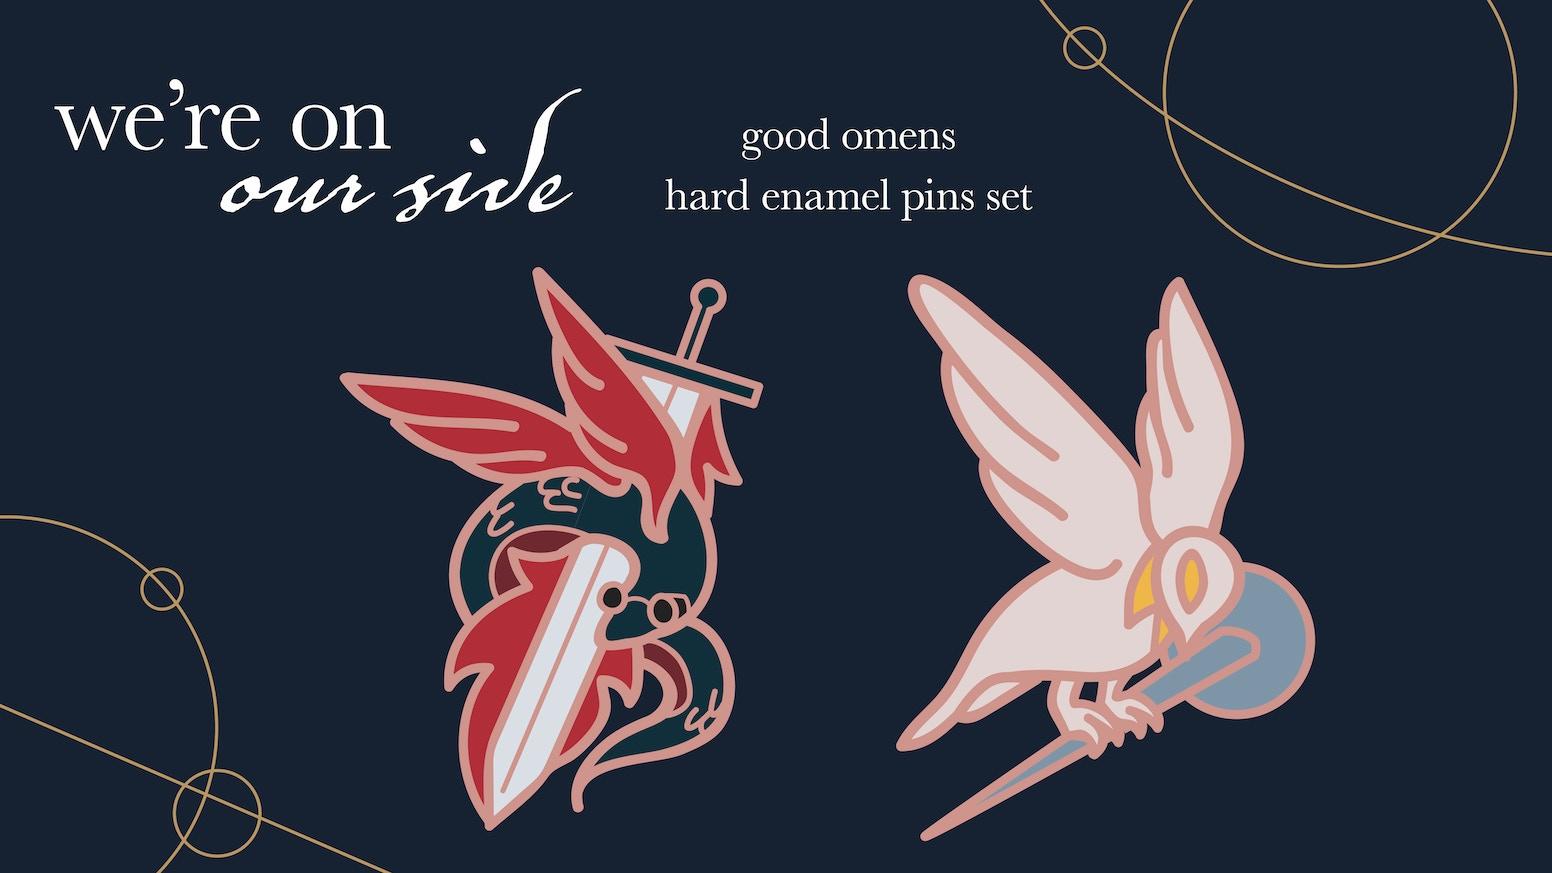 We're on our side - Enamel pin set by LittleRain — Kickstarter